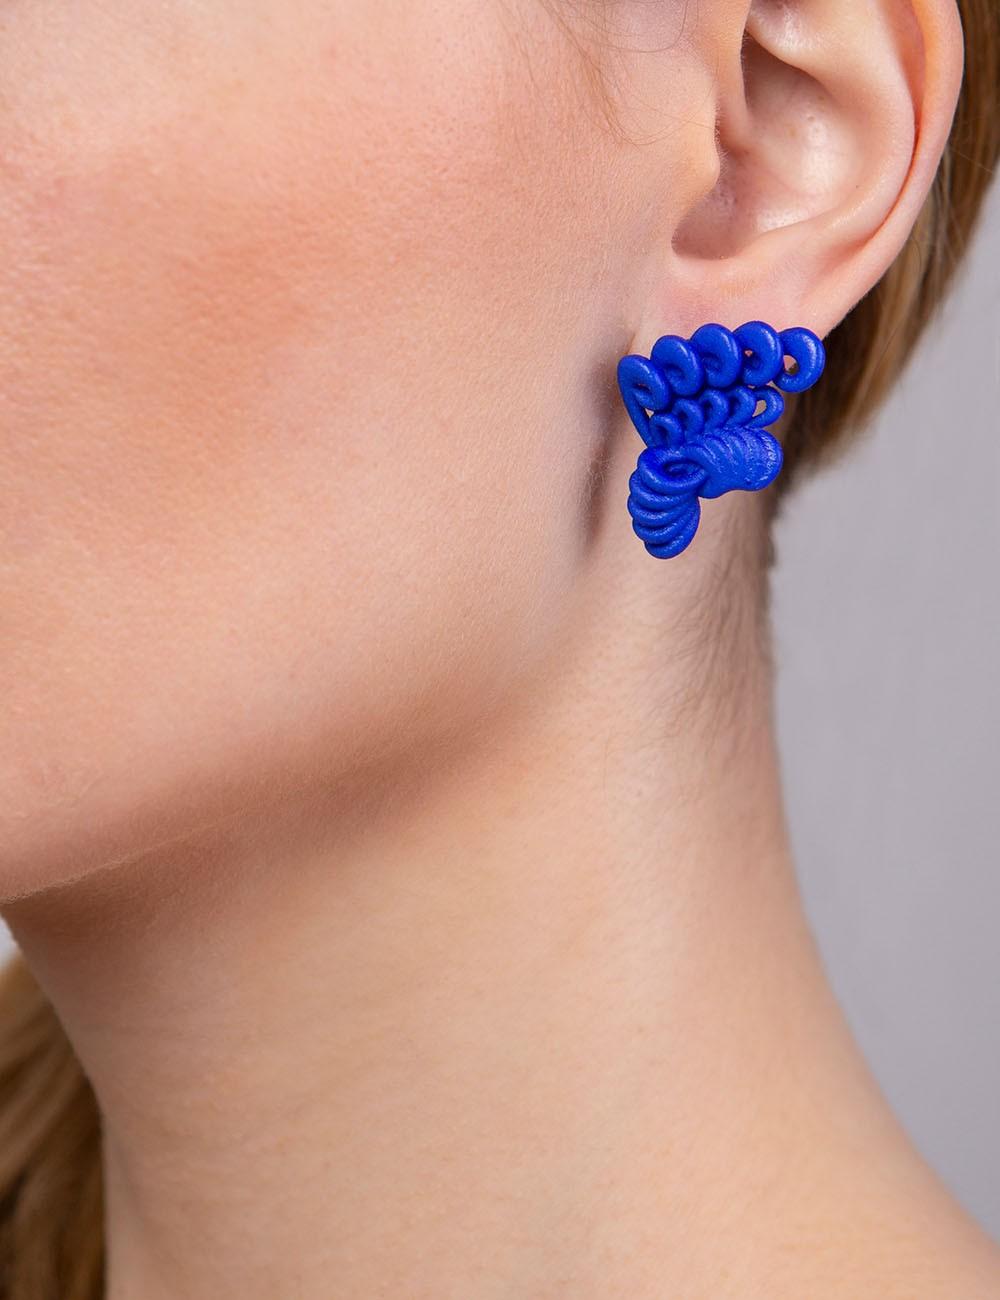 Orecchini Merletto ER-12 ANIMA Paolin bijoux moda